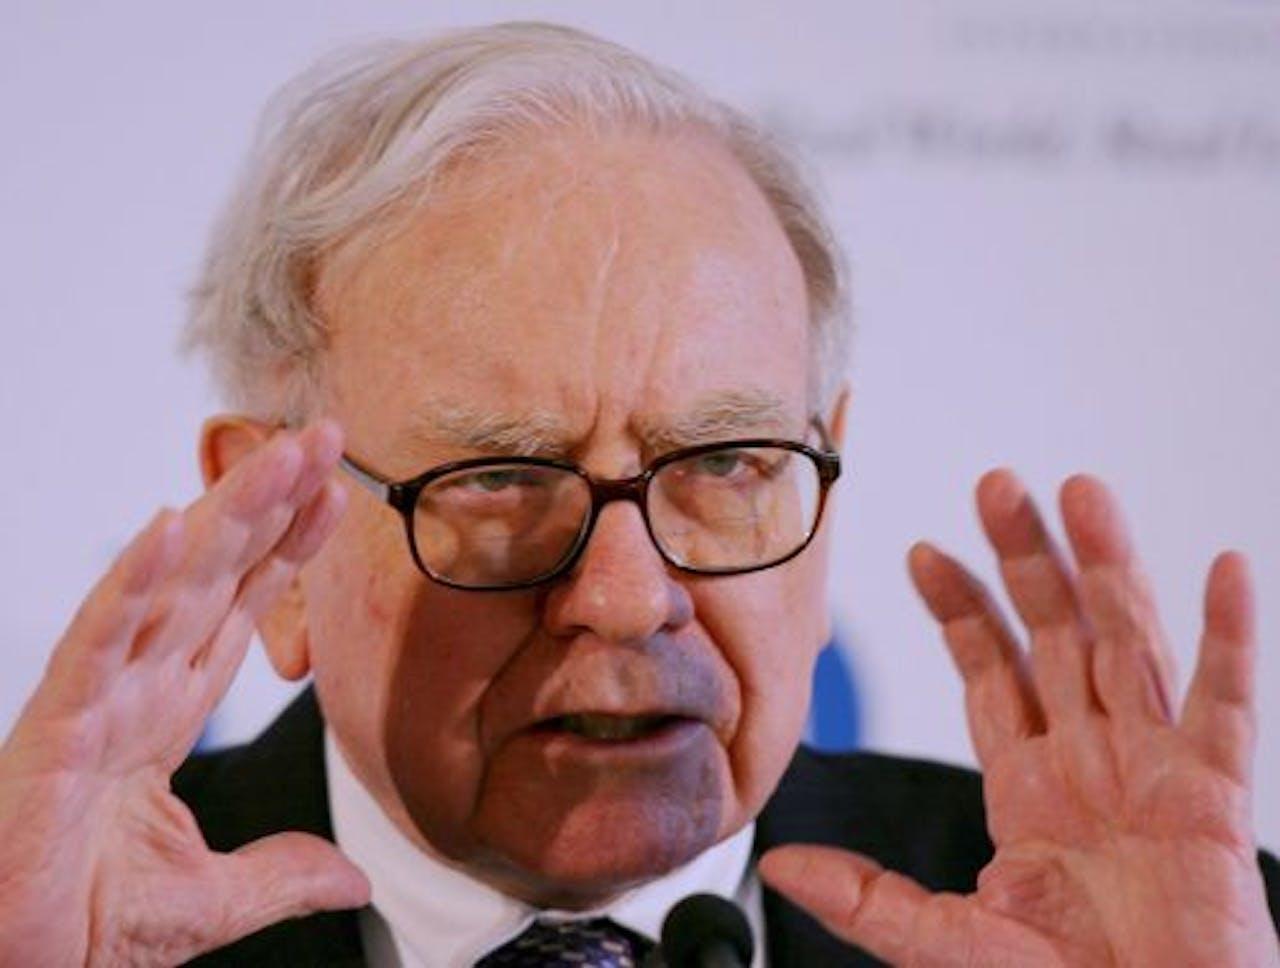 De Amerikaanse superbelegger Warren Buffett. EPA